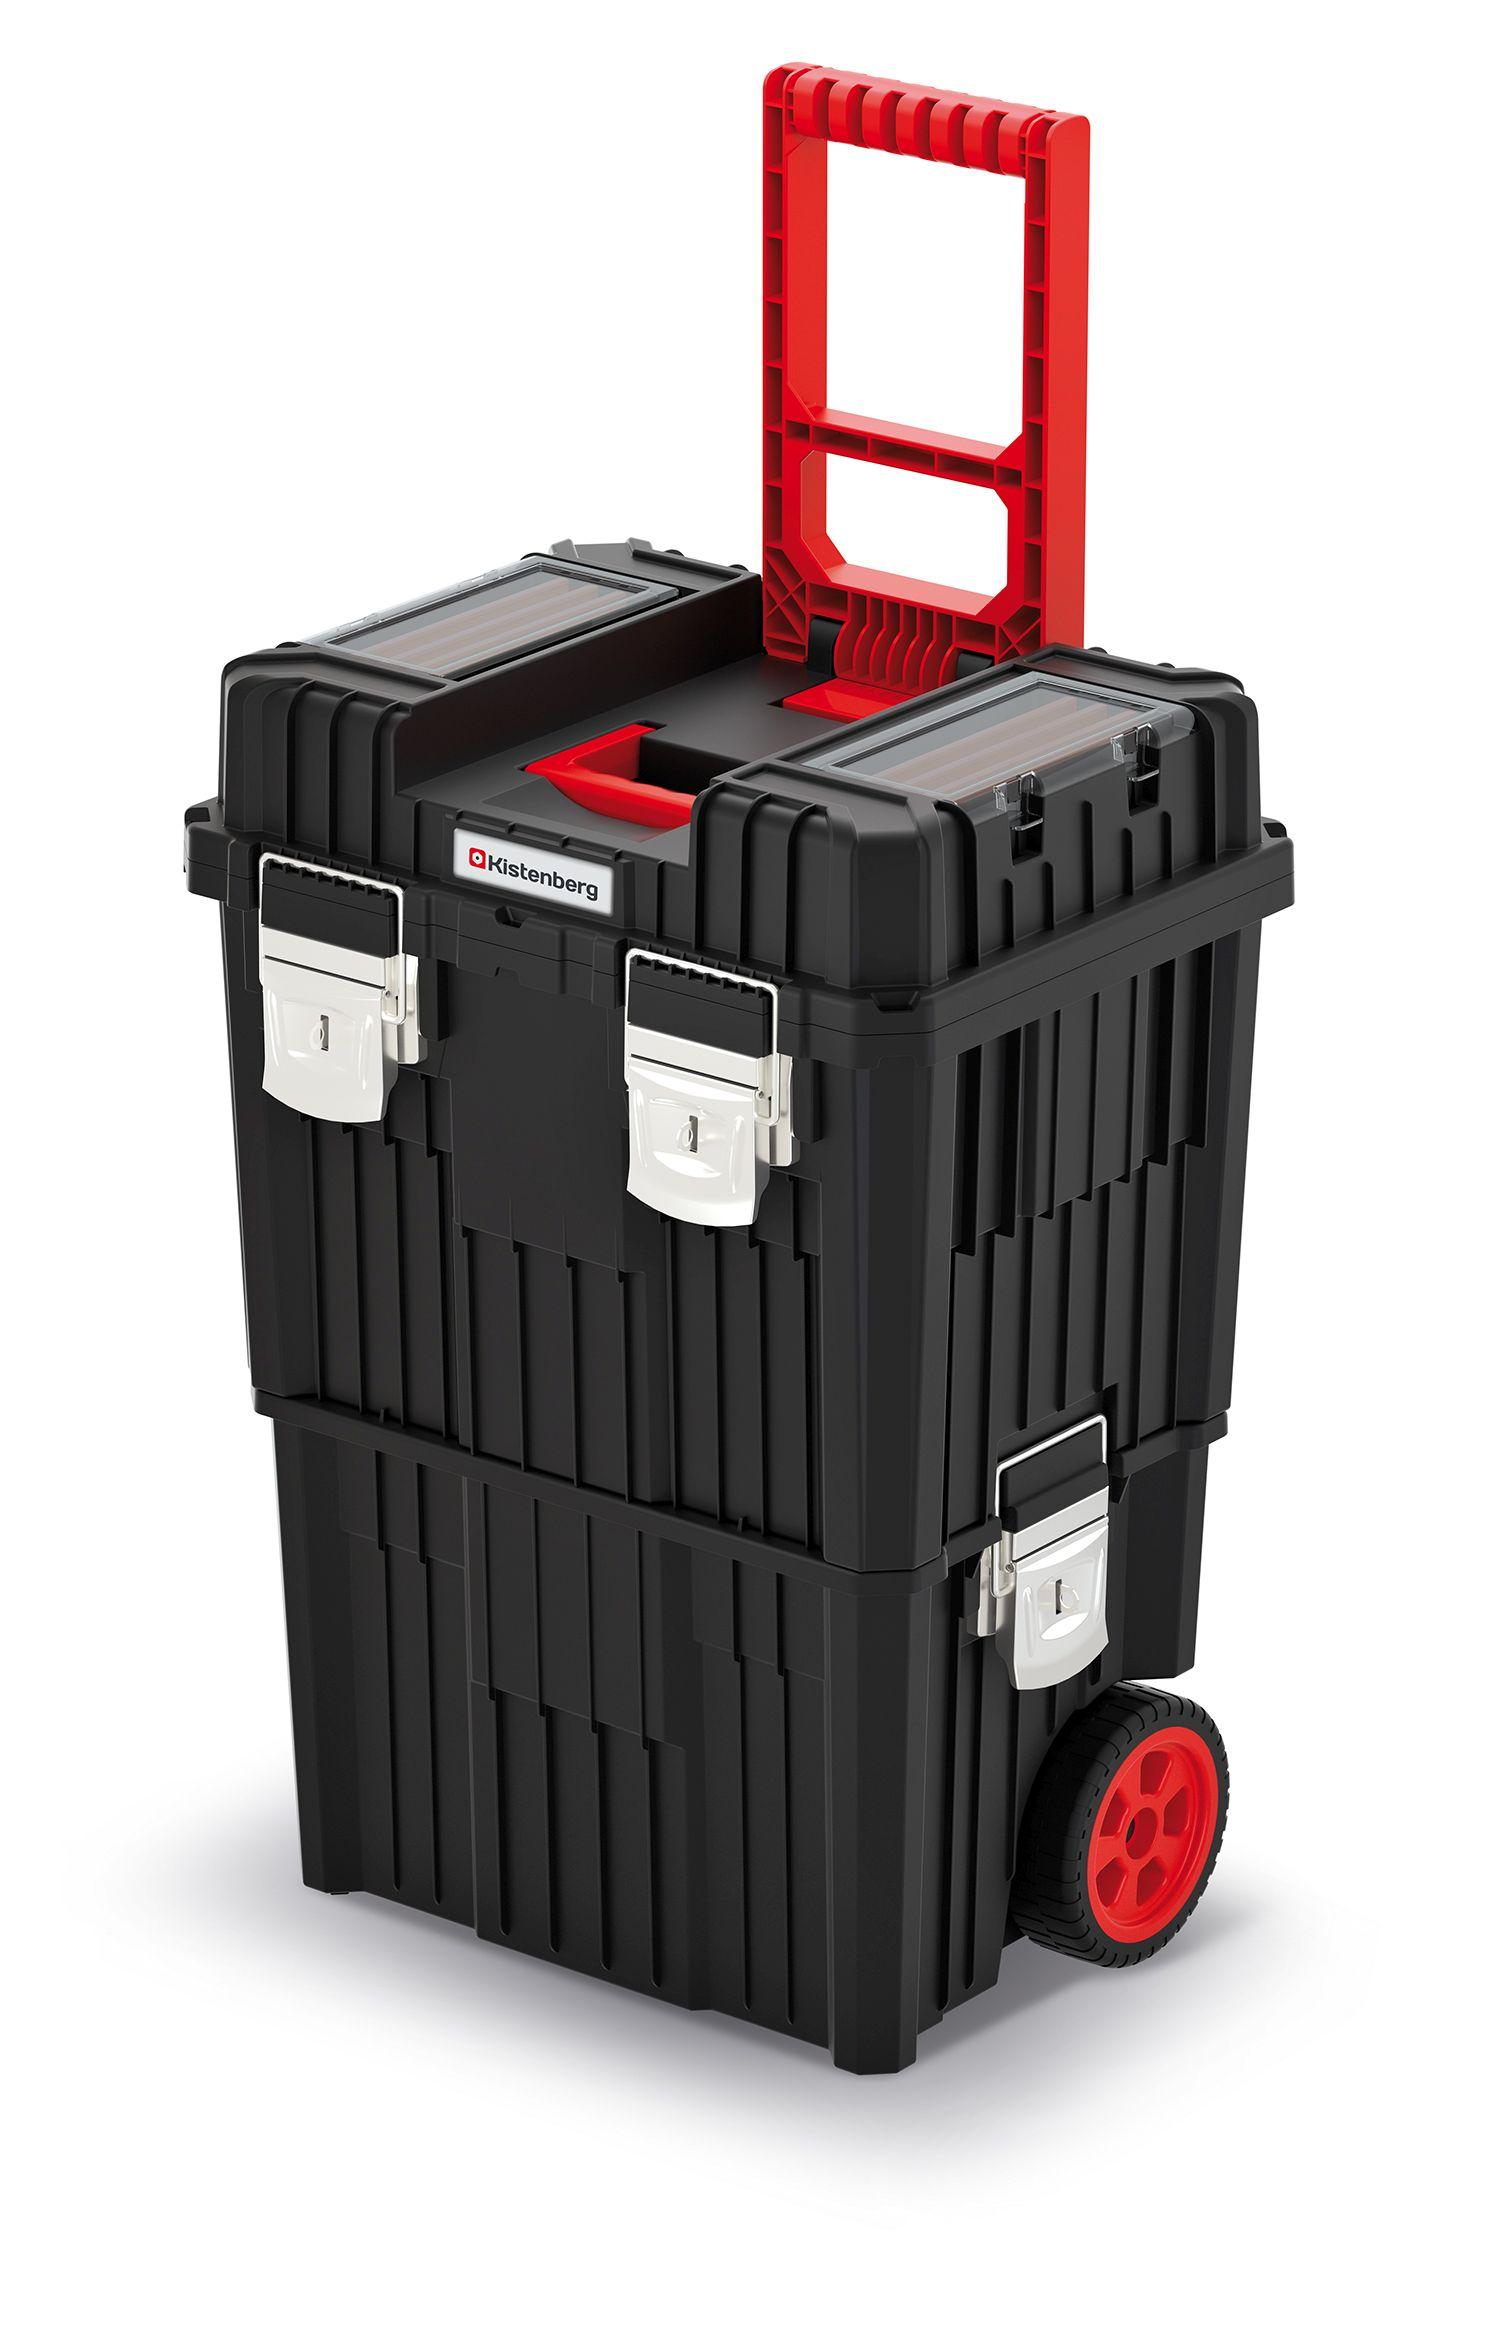 PROSPERPLAST Modulární kufr na nářadí s transp. kolečky a kov. zámky HEAVY černý 450x360x640